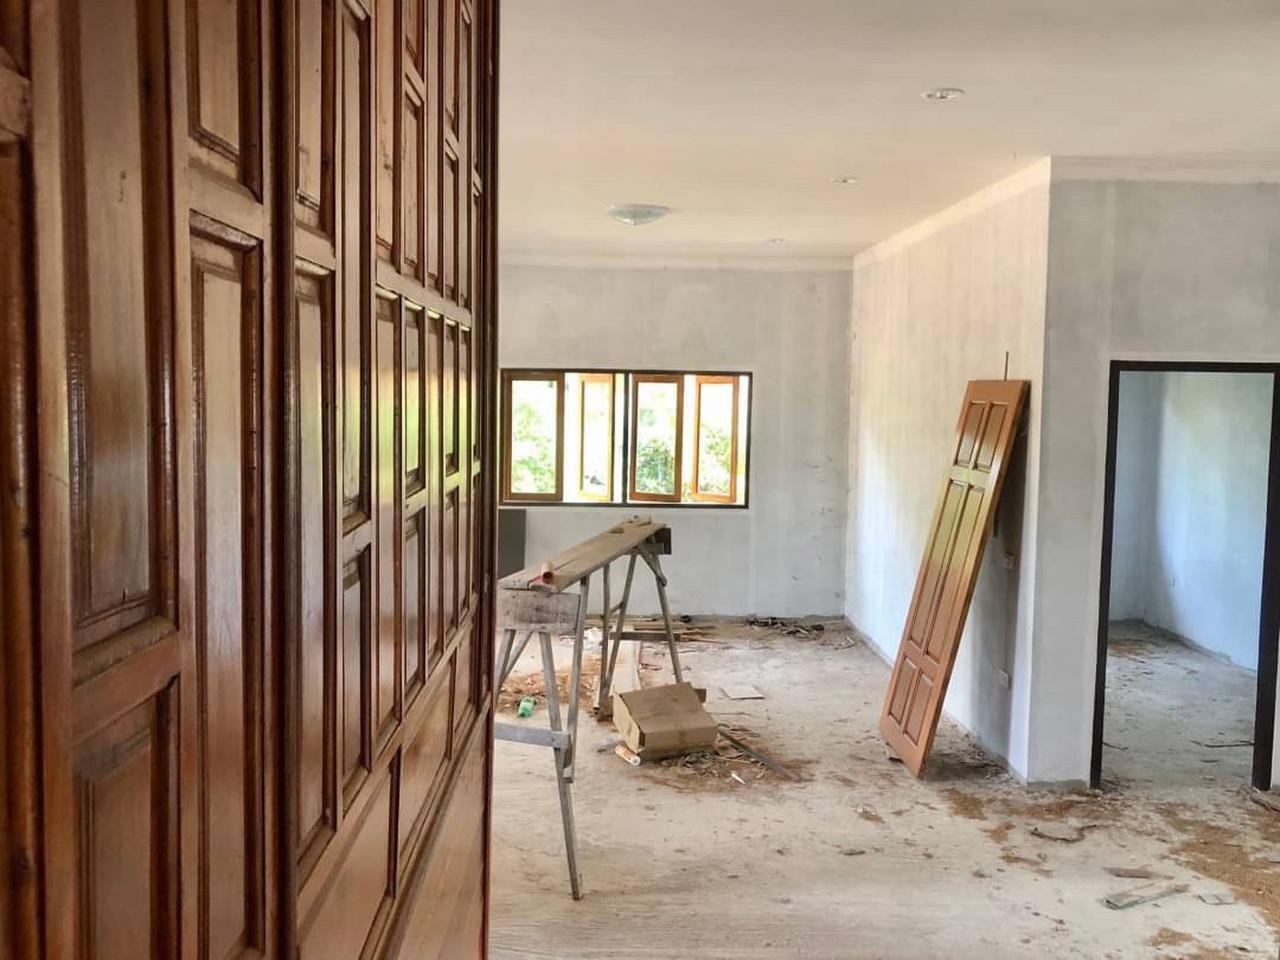 ขายบ้านเดี่ยว 2 ชั้นพัทยา  บ้านขายถูกใกล้เสร็จแล้ว ราคาขาย 3.9 ล้านบาท รูปที่ 2